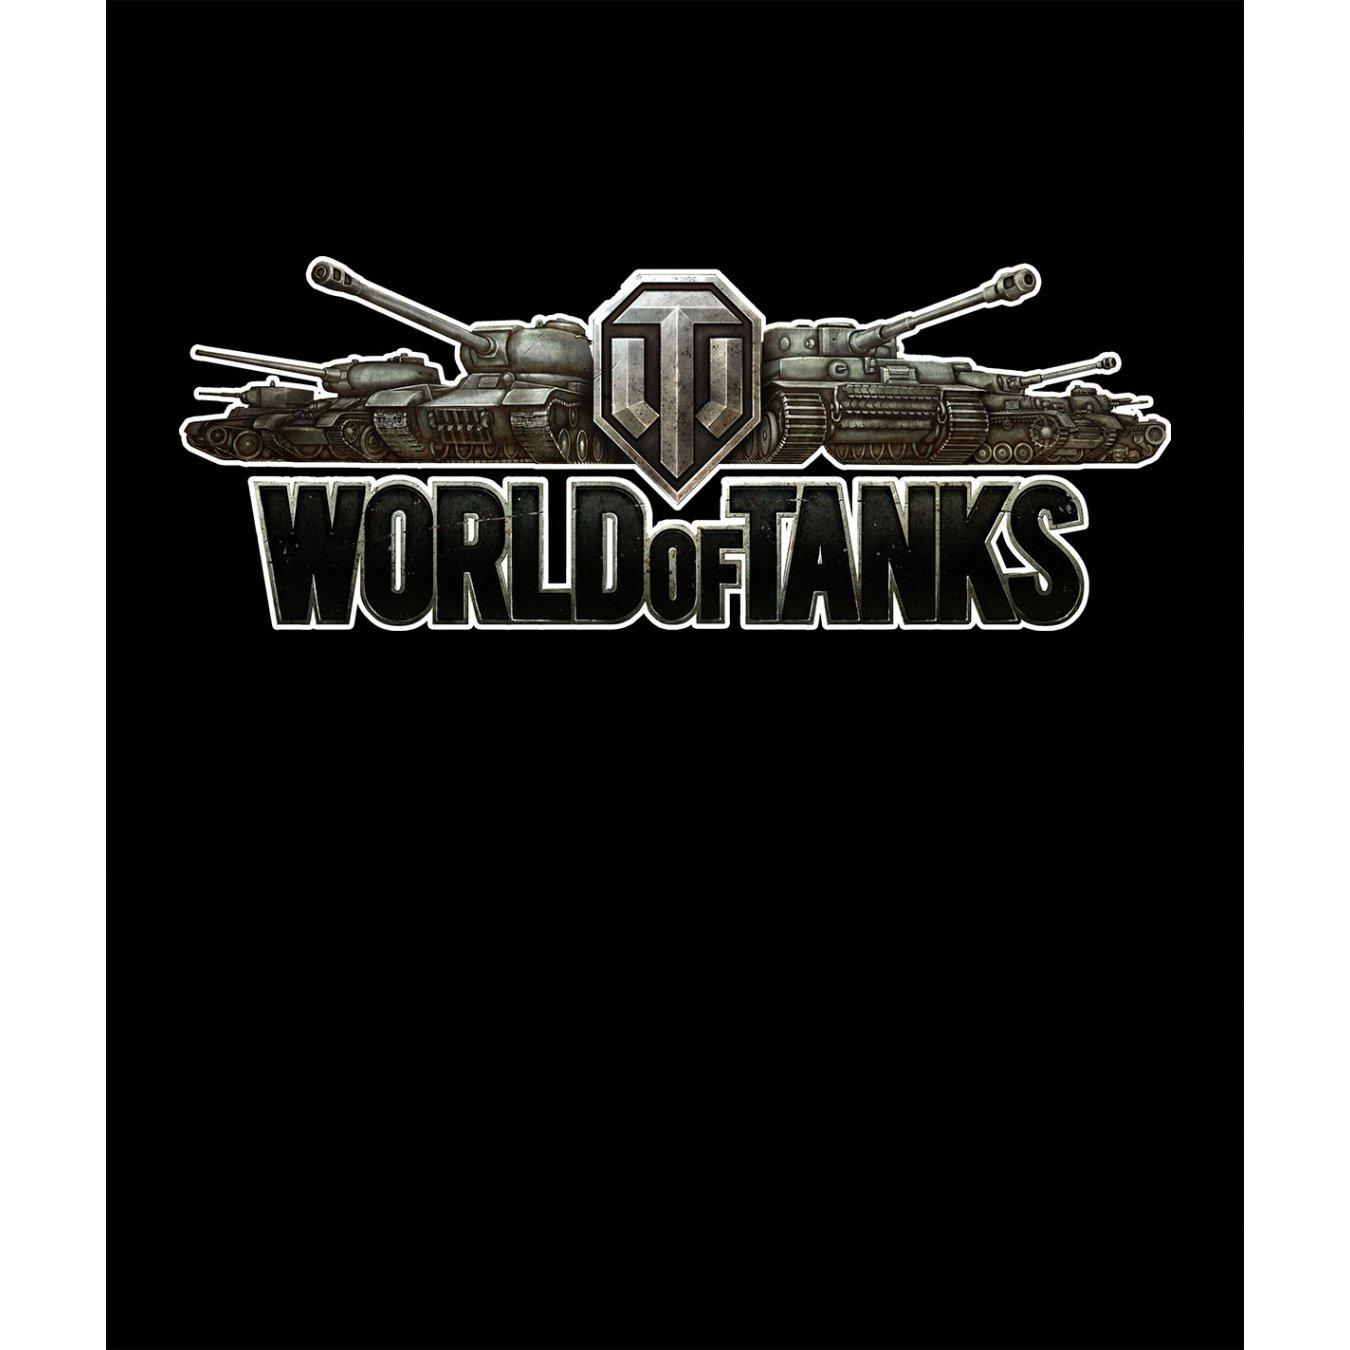 89a2c88040a Тениска World of Tanks - Черна, с оригиналното лого в Тематични тениски | в  Tee